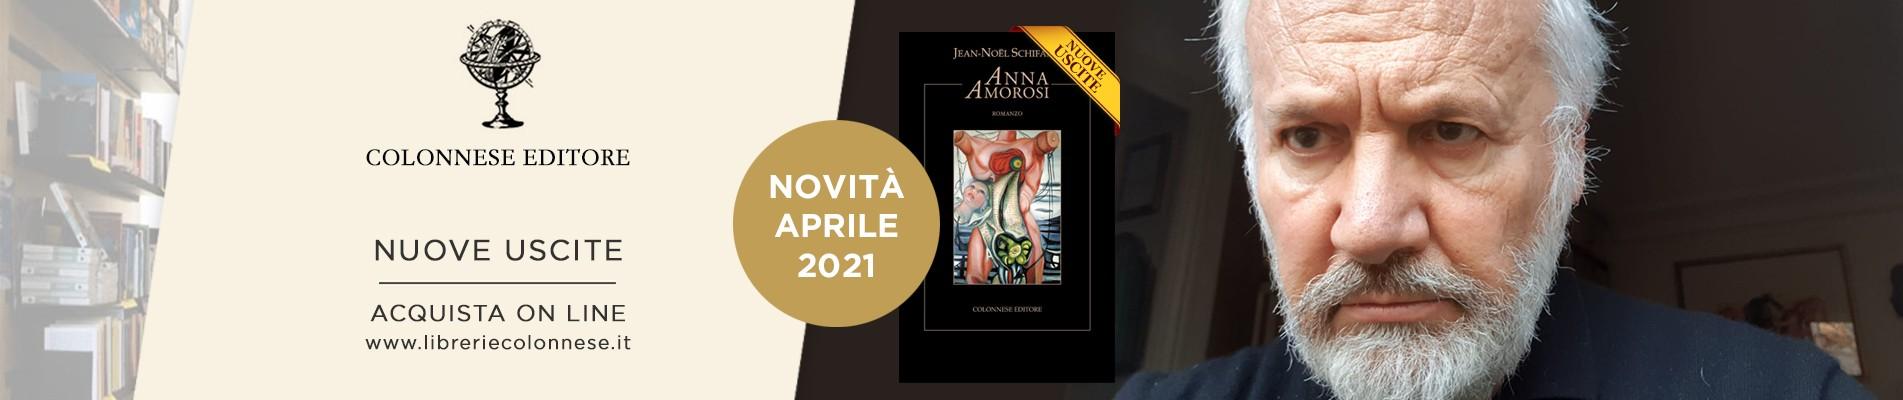 ANNA AMOROSI di JEAN NOEL SCHIFANO - Colonnese Editore